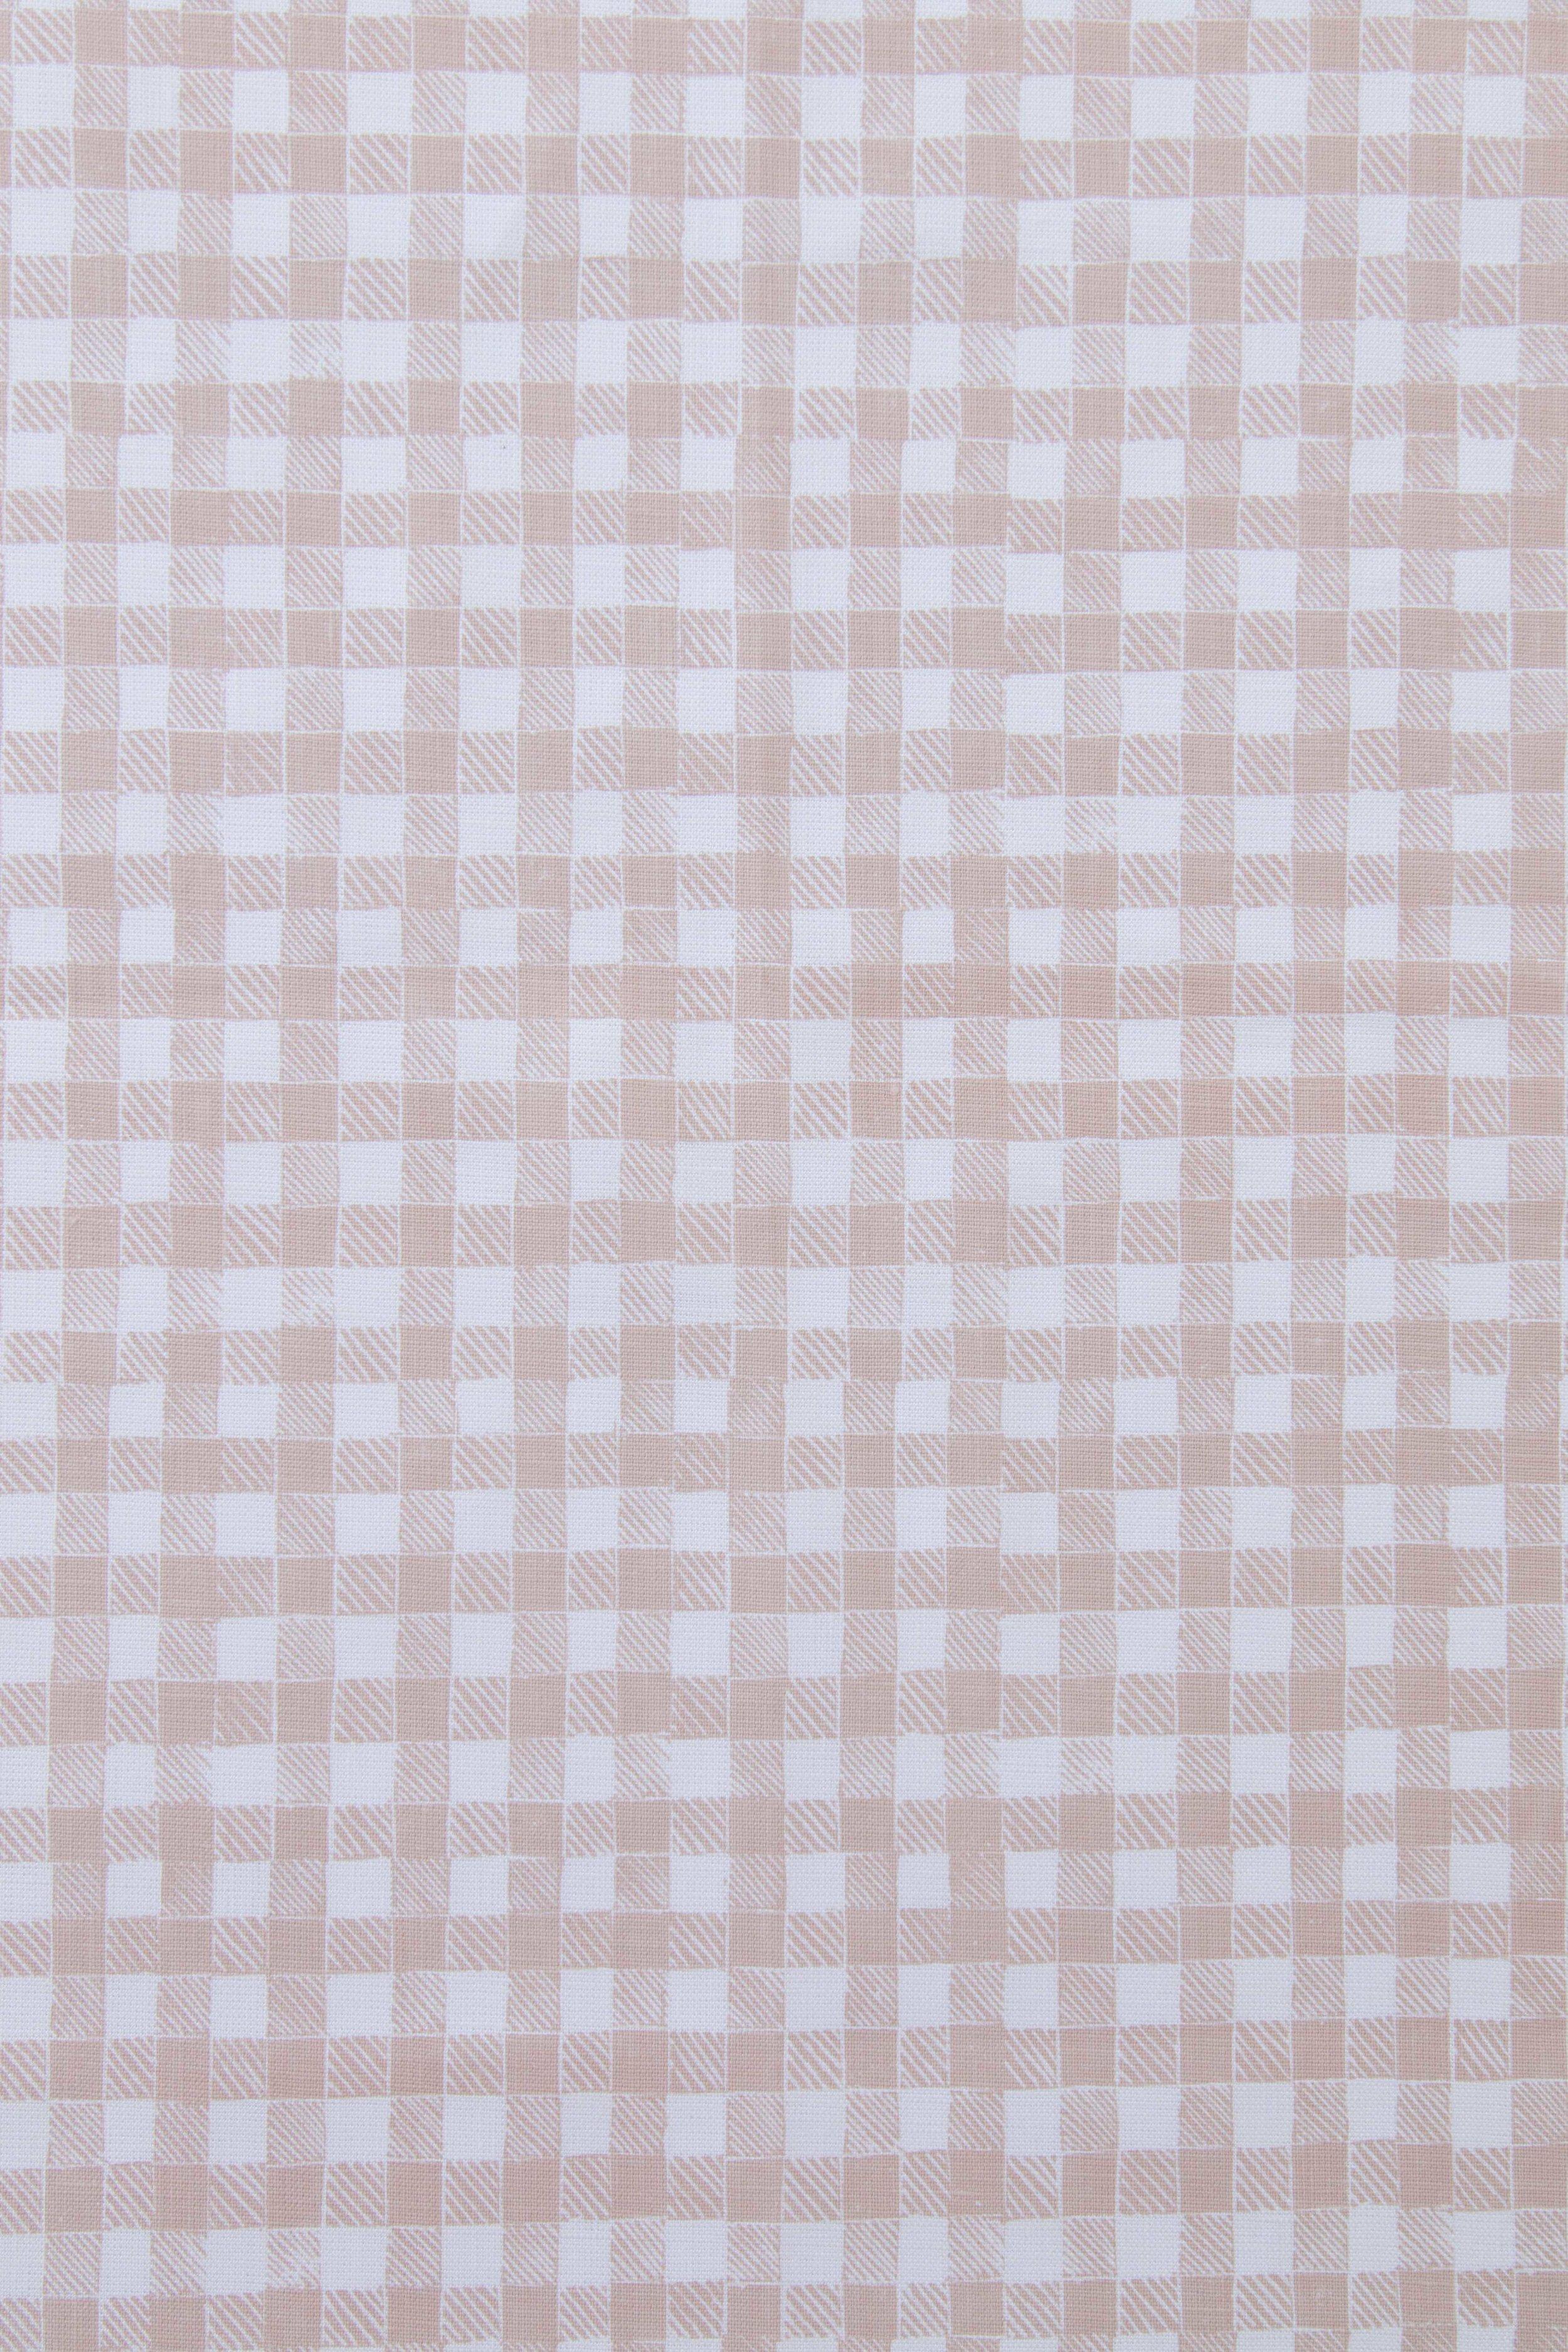 Block Print Gingham in Beige, KF250-04